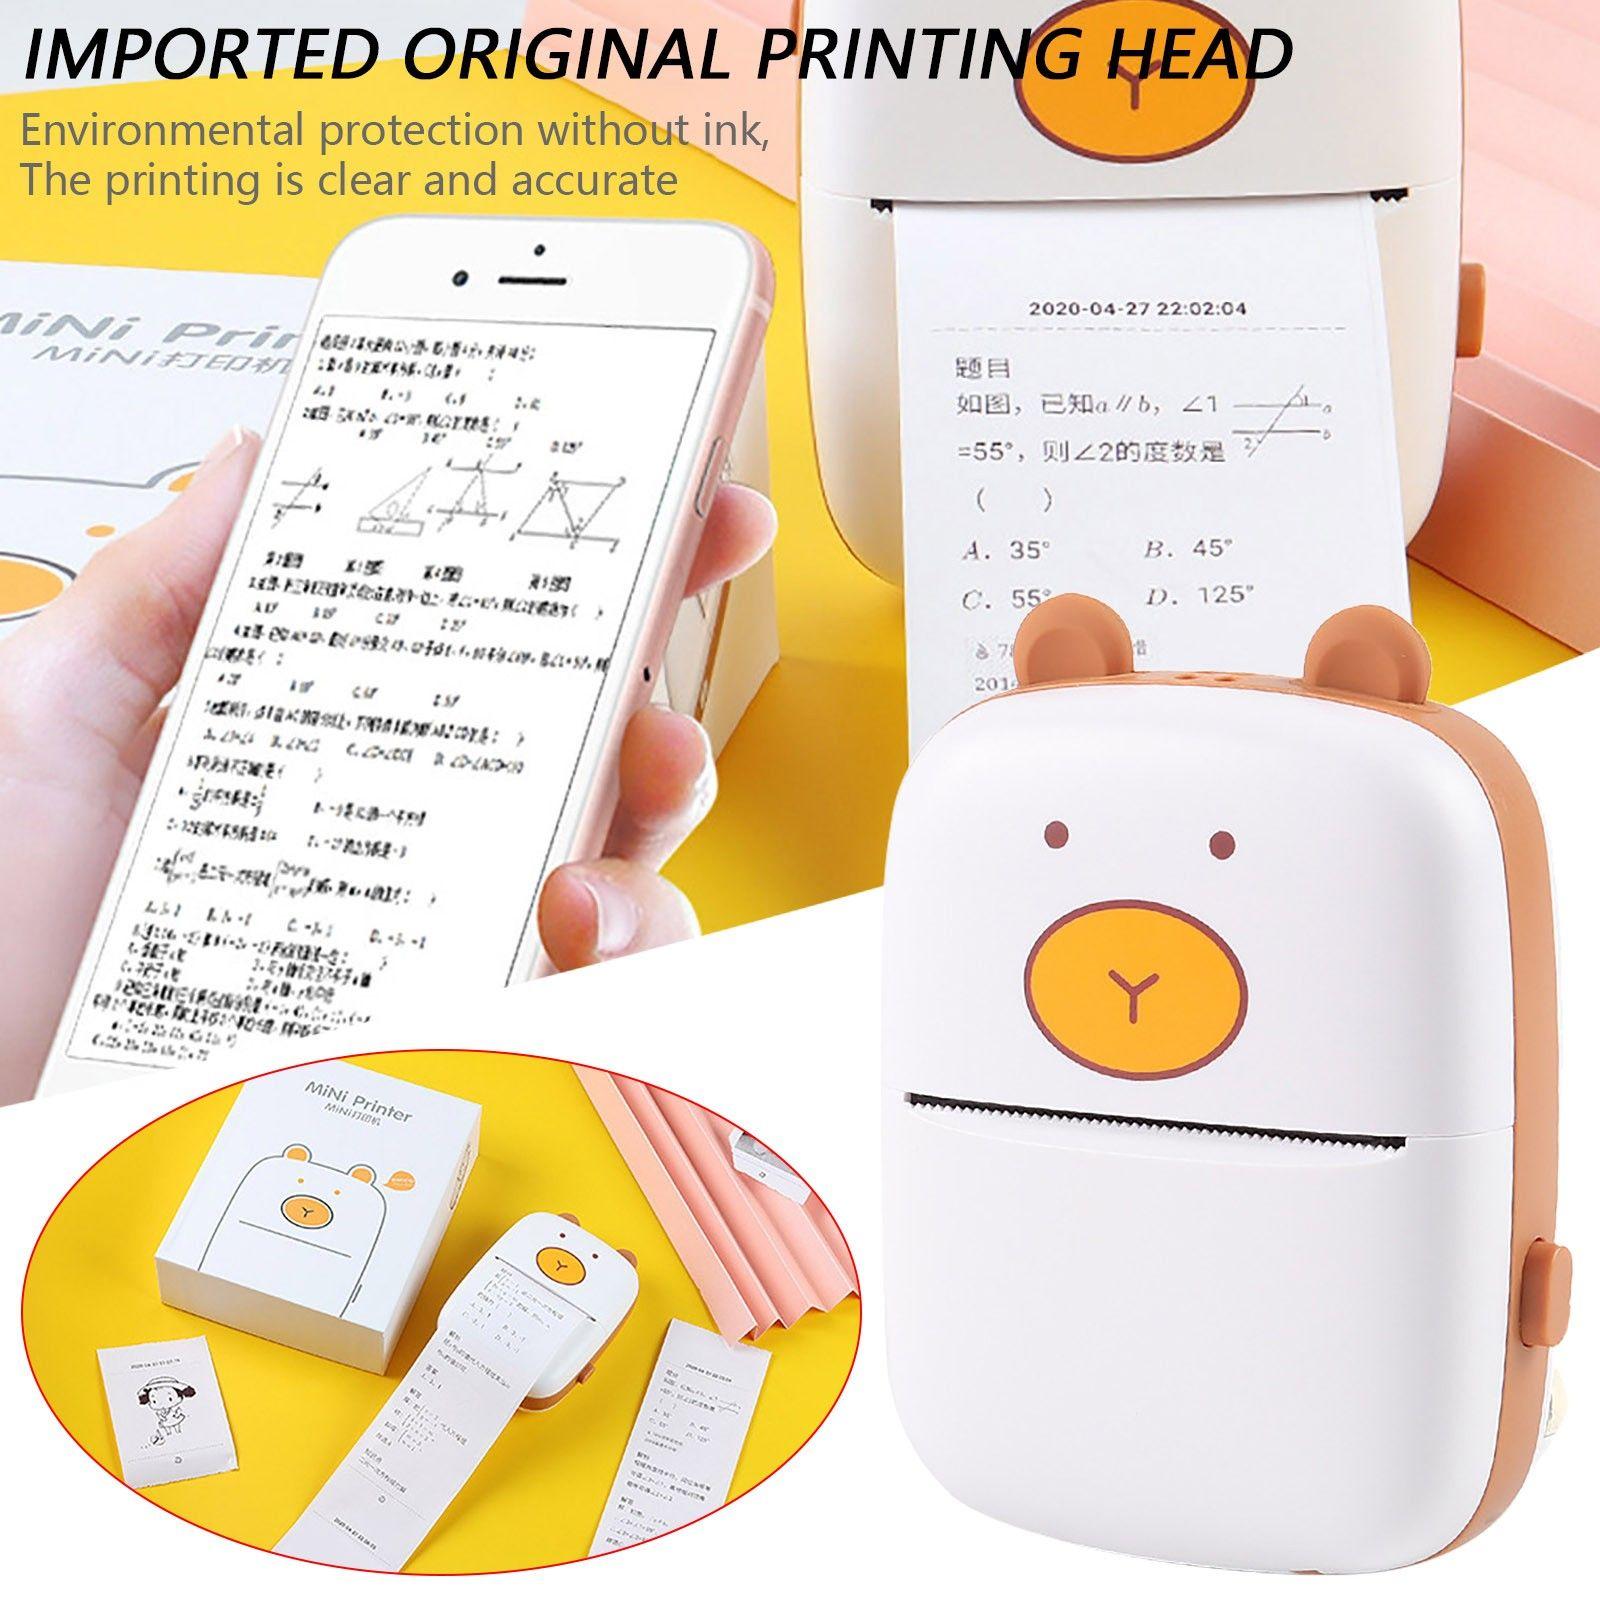 Тепловой портативный Bluetooth принтер 58 мм Мини беспроводной POS Thermal Image Photo Принтер для Android iOS на мобильном телефоне